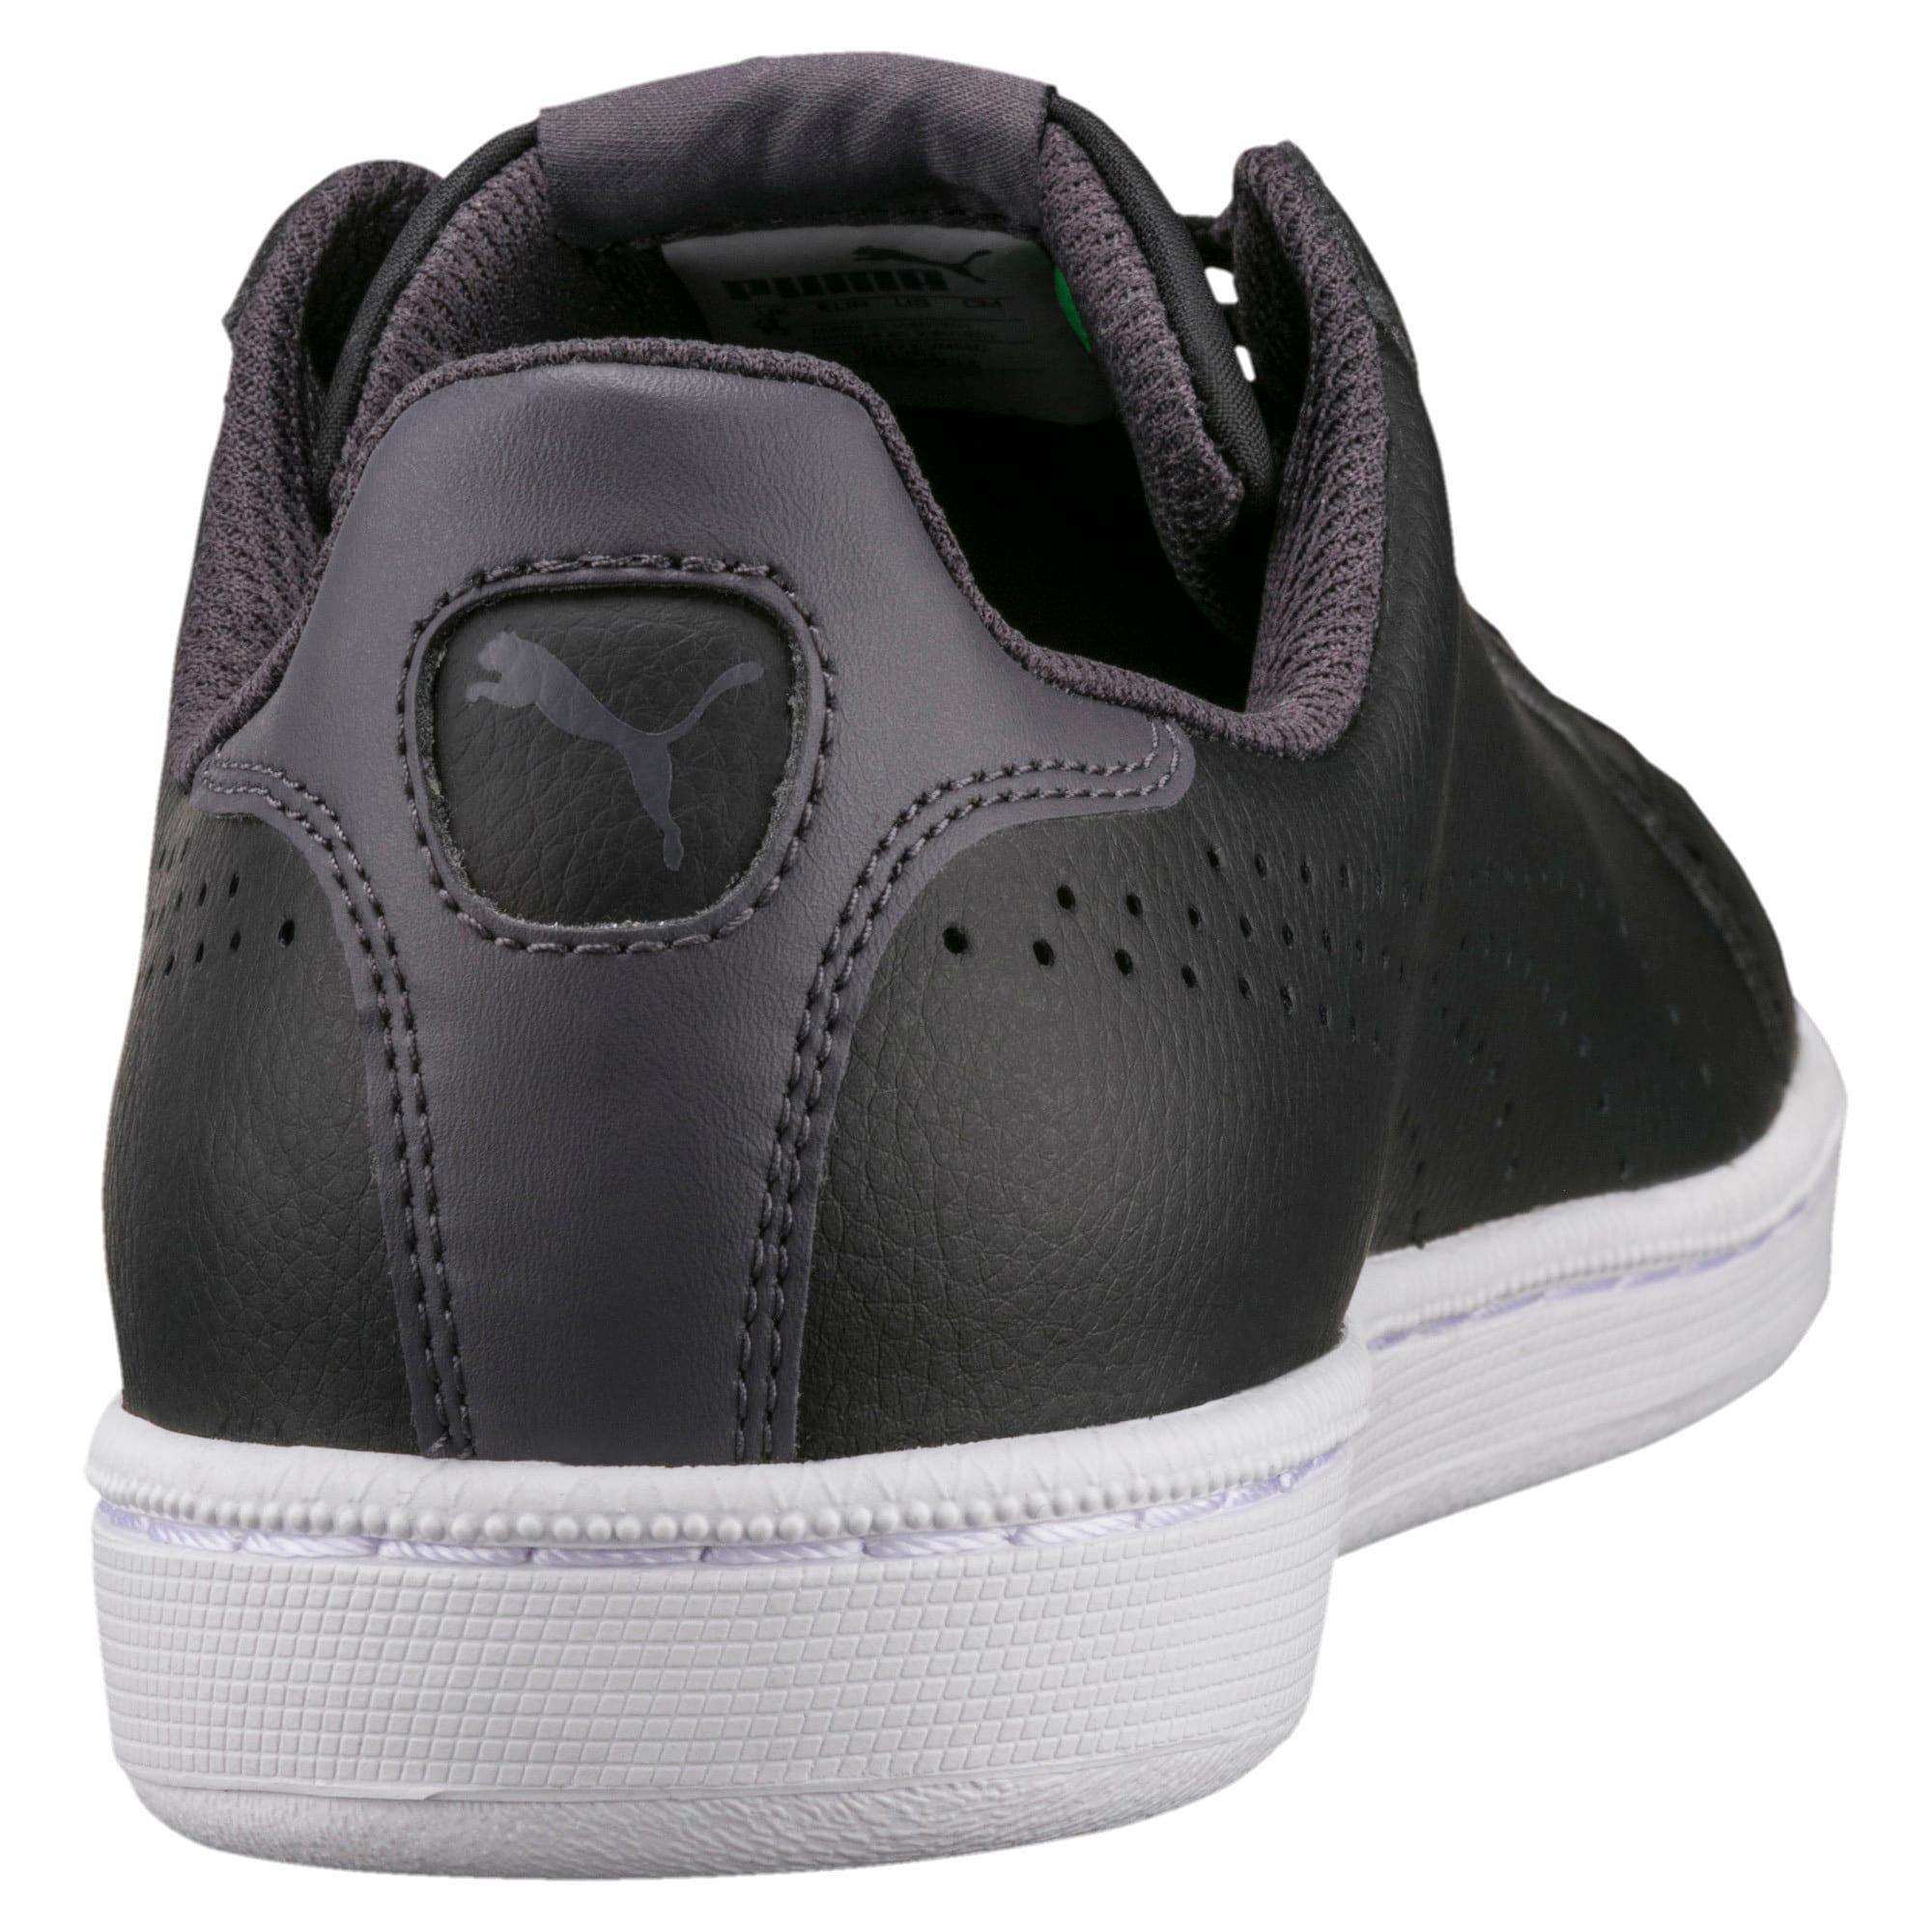 Thumbnail 4 of PUMA Smash Perf Sneakers, Puma Black-Periscope, medium